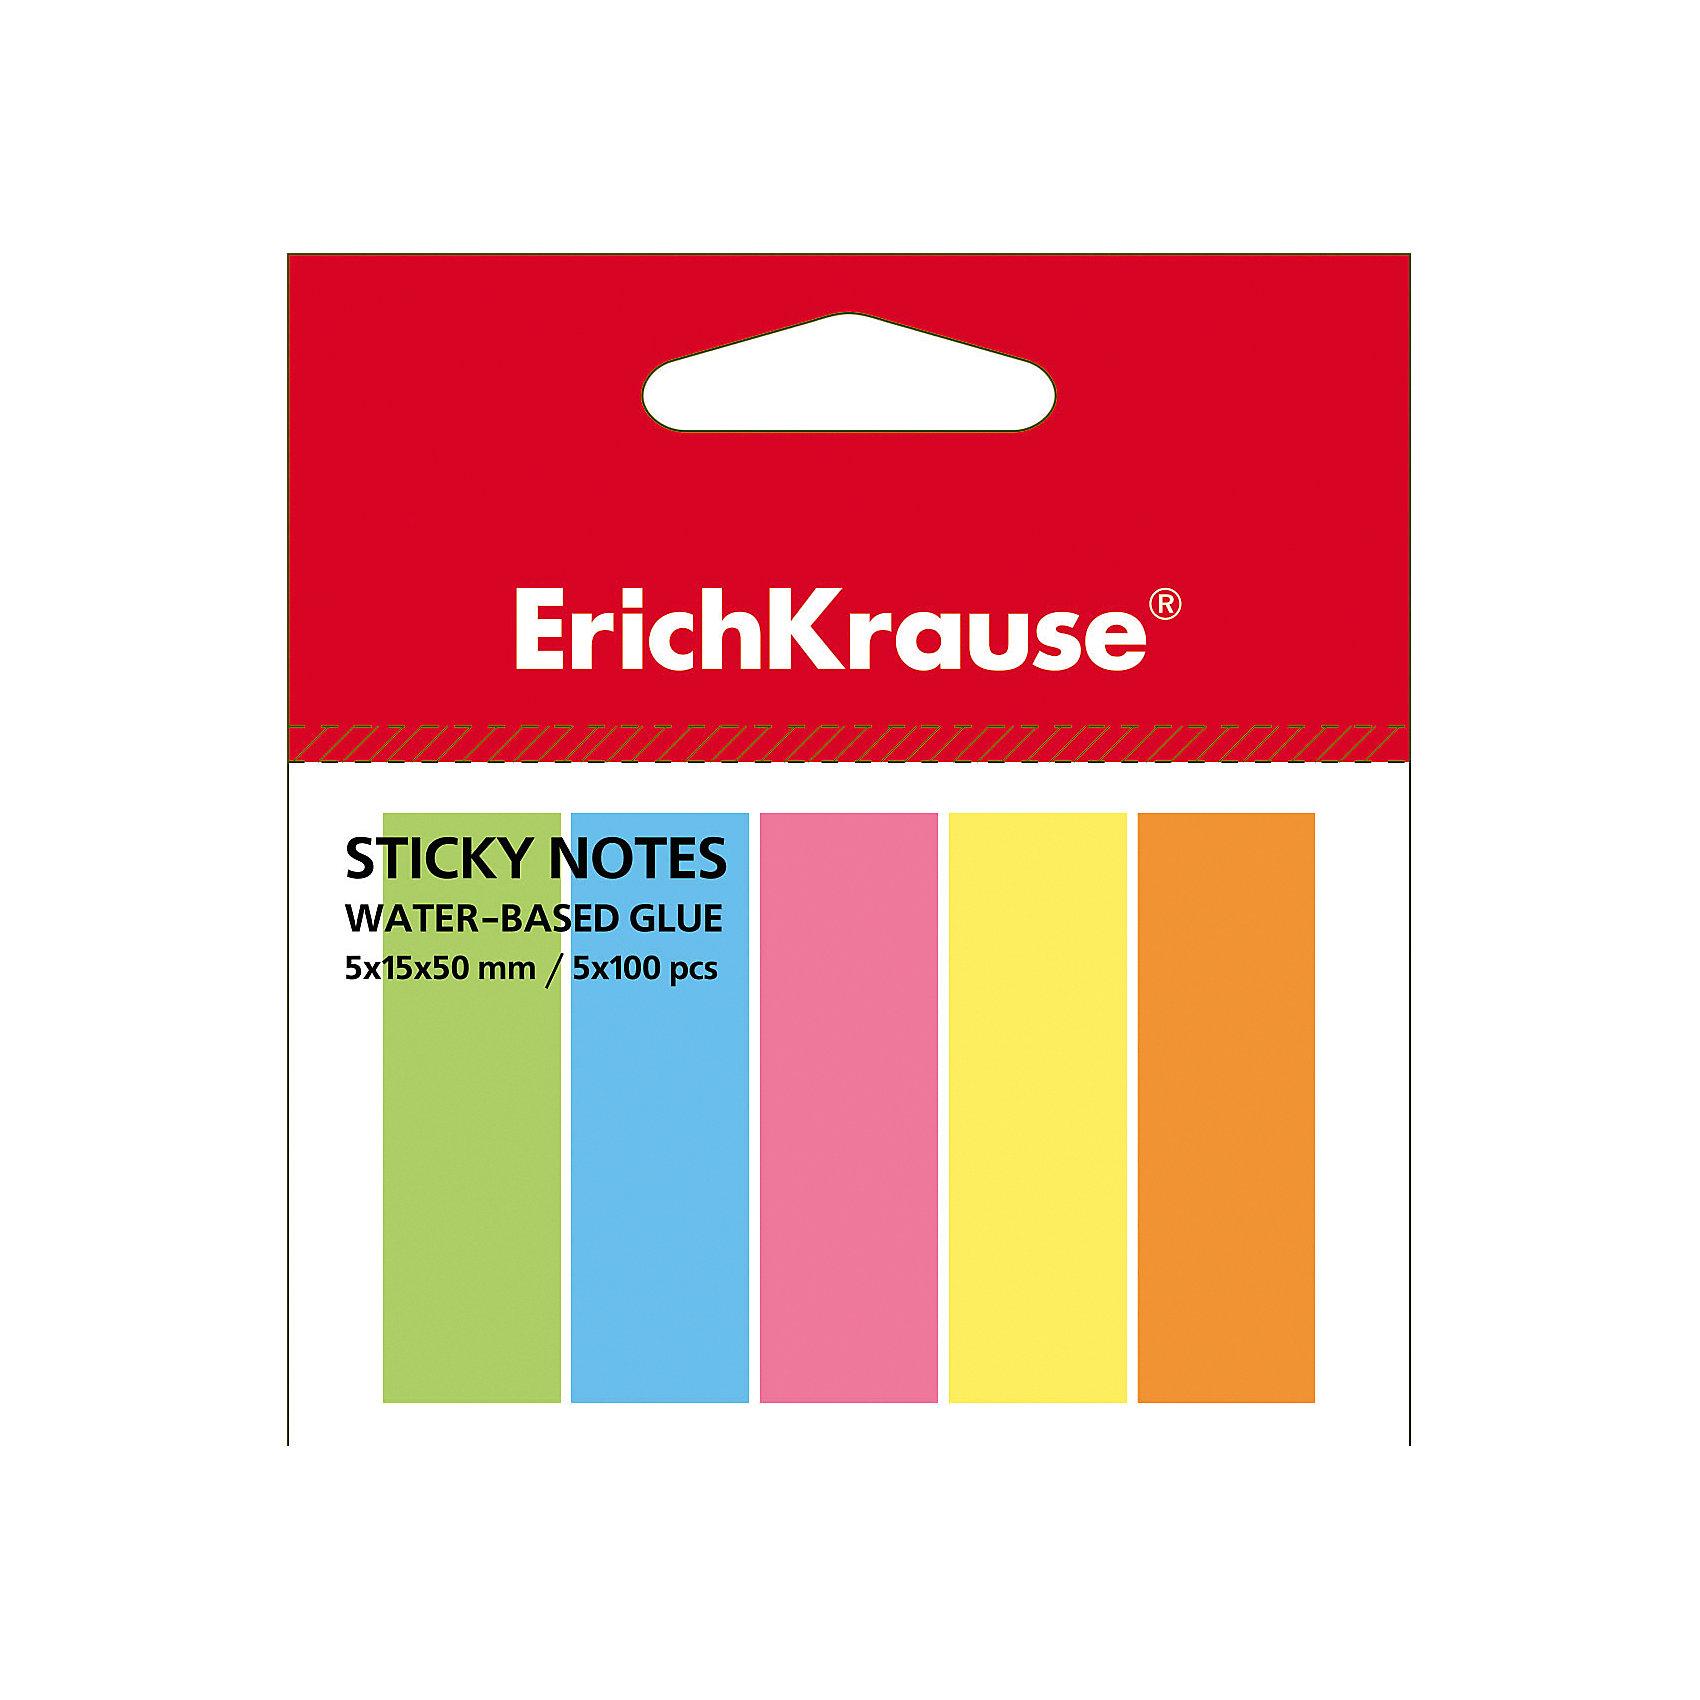 Erich Krause Флажки с клеевым краем Erich Krause 5х15х50 неонБумажная продукция<br>Характеристики товара:<br><br>• количество листов: 500;<br>• цвета: желтый, розовый, зеленый, голубой, оранжевый;<br>• размер флажка: 5х15х50 мм;<br>• материал: бумага;<br>• размер упаковки: 1,5х4х7 см;<br>• вес: 33 грамма.<br><br>Флажки Erich Krause помогут сделать компактные закладки на страницах книг и тетрадей. Клеевой край надежно крепится к поверхности листа и легко снимается, не оставляя следов. На закладке можно написать необходимую информацию. В набор входят 5 блоков по 100 листов, выполненных в ярких неоновых цветах: розовый, зеленый, желтый, оранжевый, голубой.<br><br>Erich Krause (Эрих Краузе) Флажки с клеевым краем Erich Krause 5х15х50 неон можно купить в нашем интернет-магазине.<br><br>Ширина мм: 70<br>Глубина мм: 40<br>Высота мм: 15<br>Вес г: 33<br>Возраст от месяцев: 120<br>Возраст до месяцев: 2147483647<br>Пол: Унисекс<br>Возраст: Детский<br>SKU: 6878865